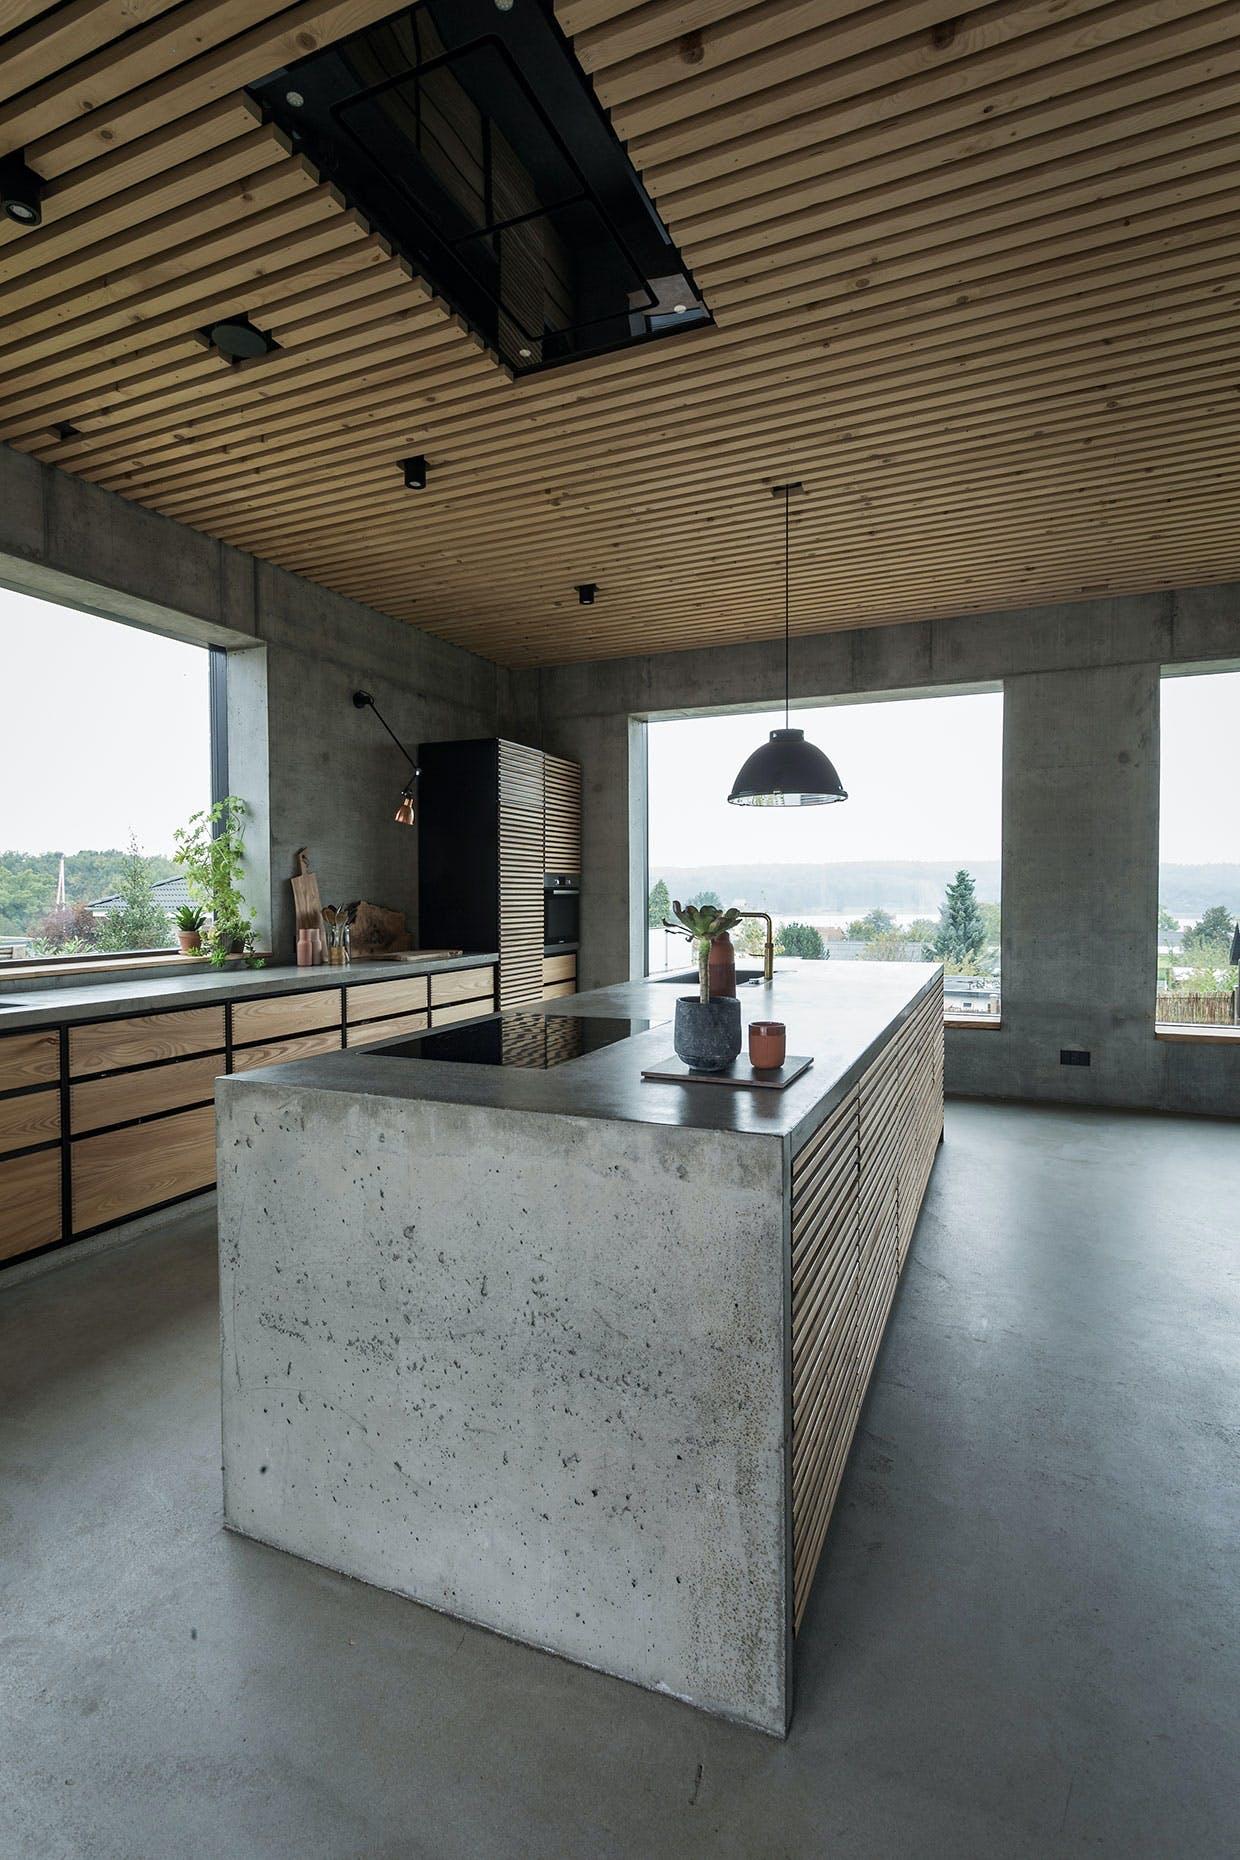 køkkenø beton træ køkken udsigt emhætte